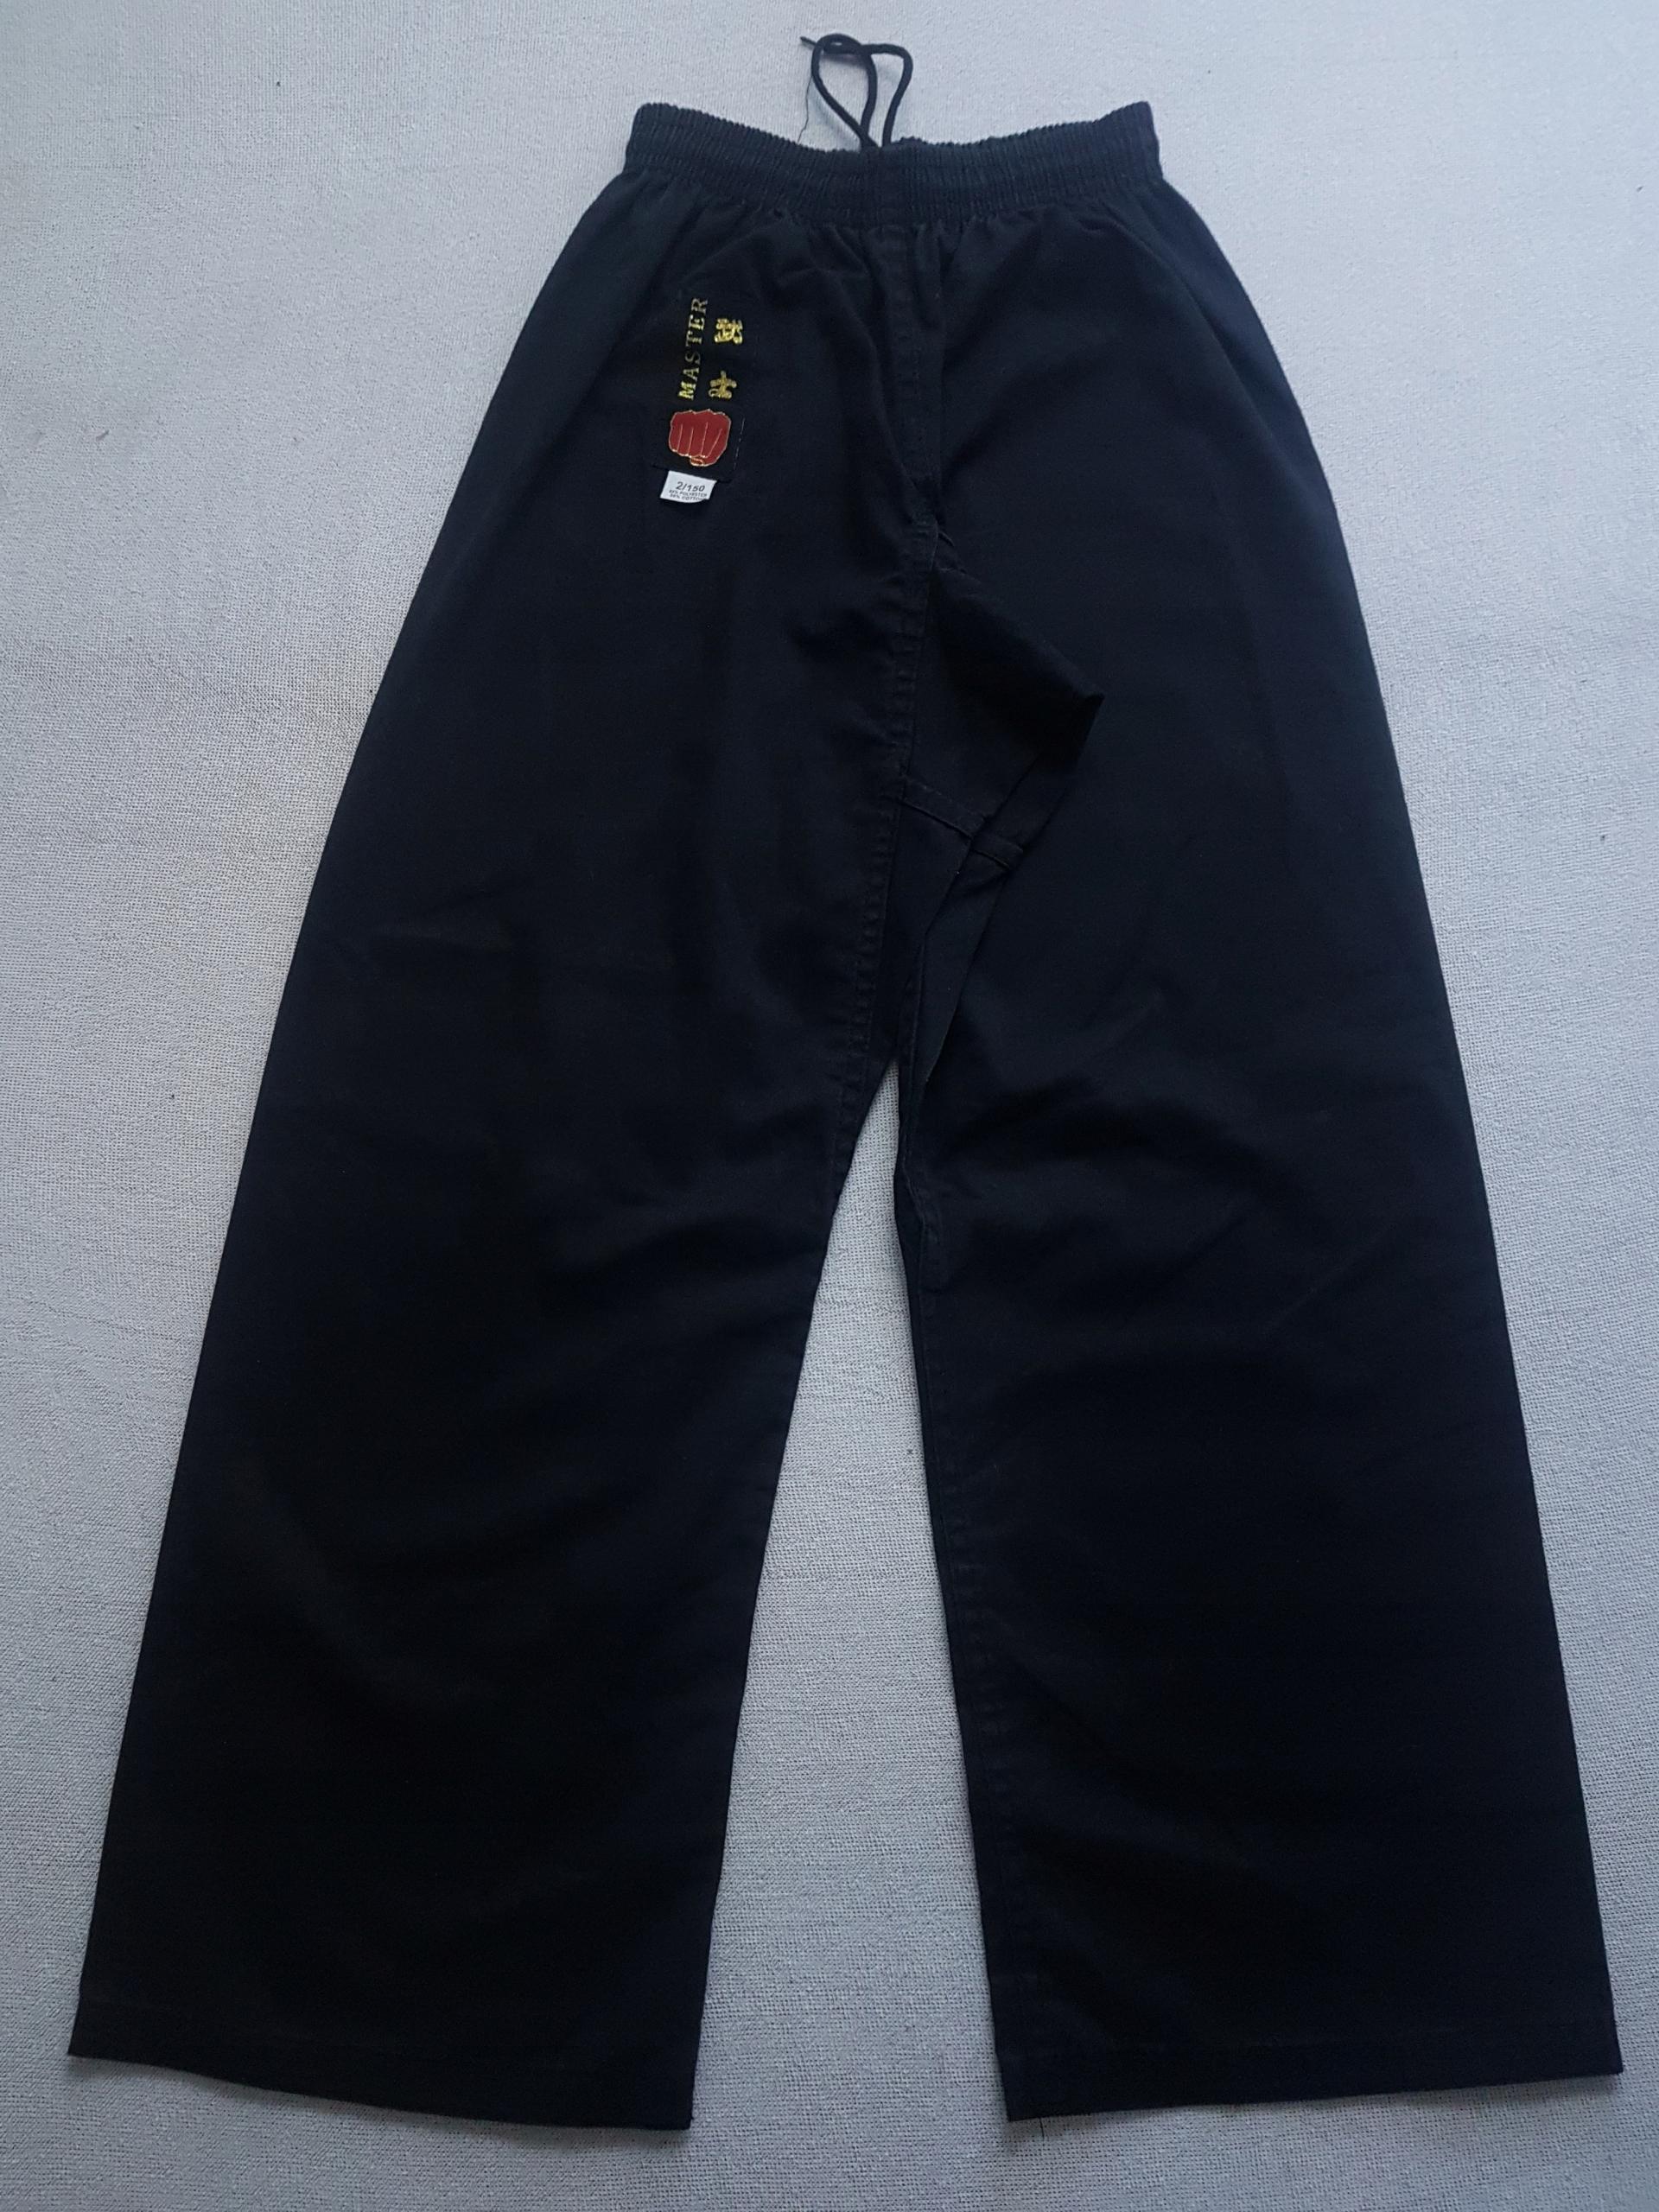 Spodnie kimono czarne Master, 160 cm